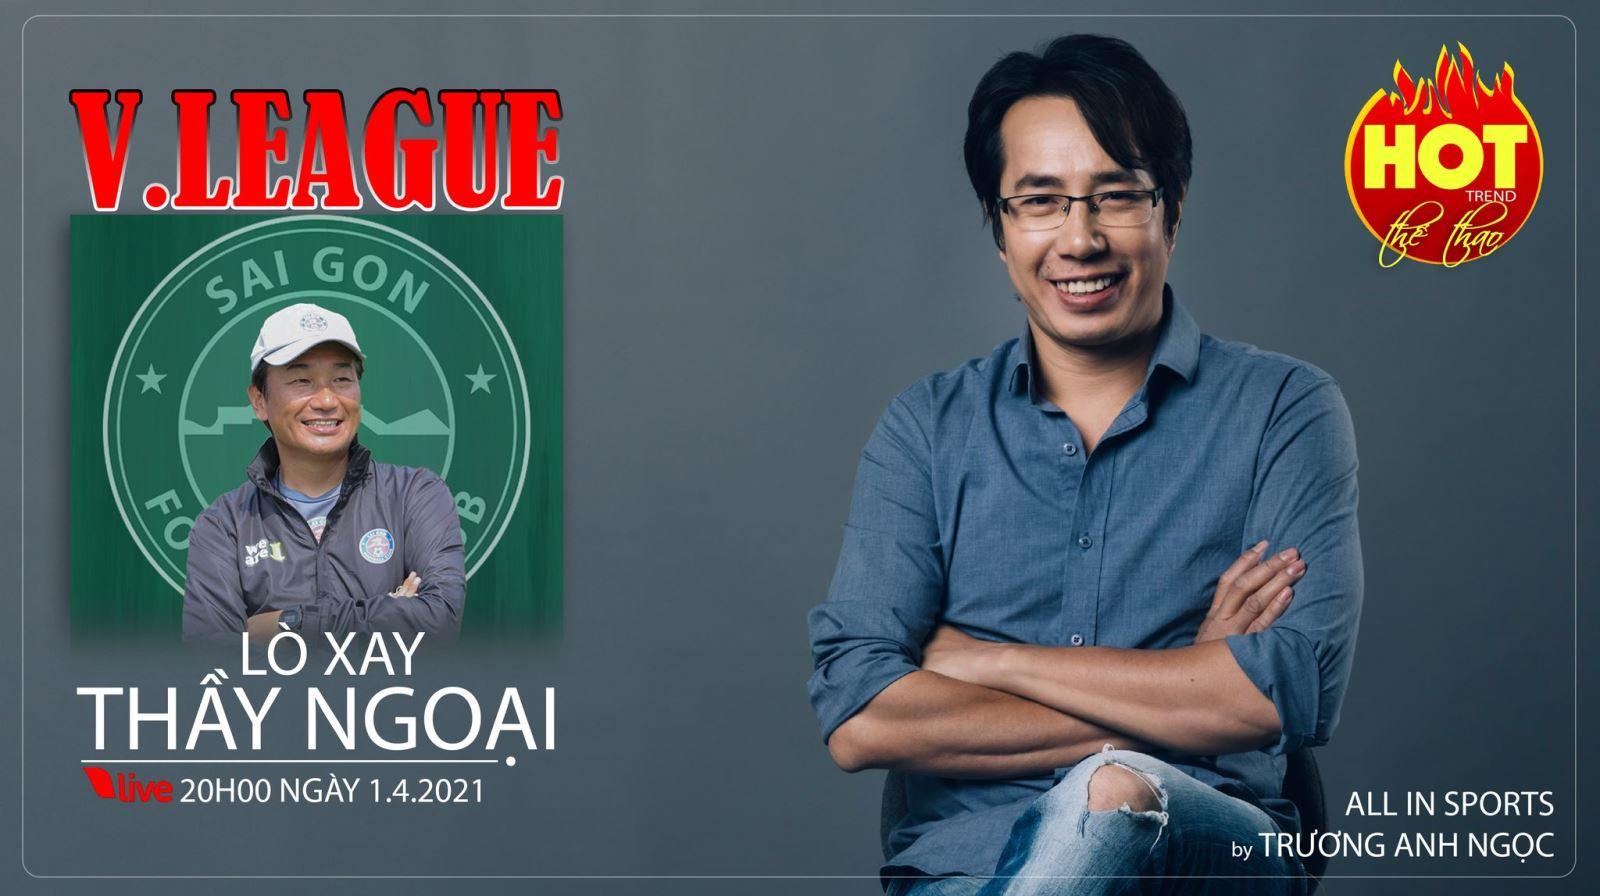 Giải bóng đá V-League: 'Lò xay' HLV nước ngoài